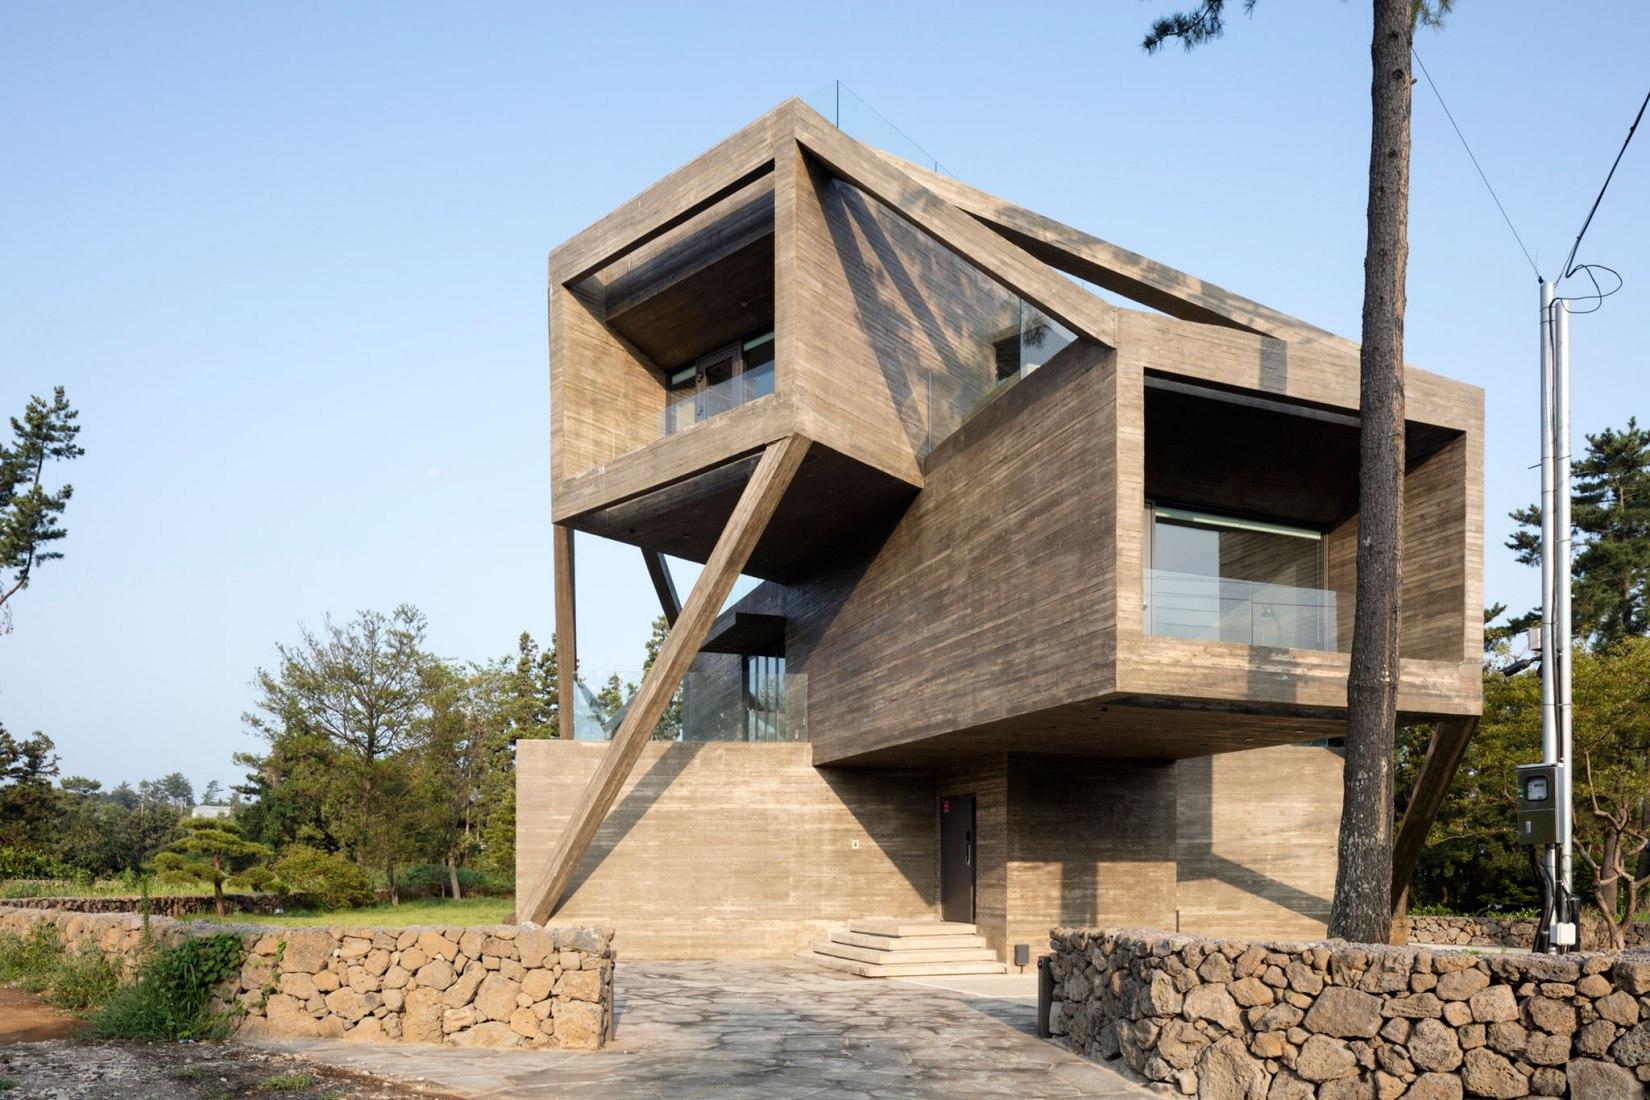 Vista del acceso. Casa en la isla de Jeju por Moon Hoon. Cortesía de Moon Hoon